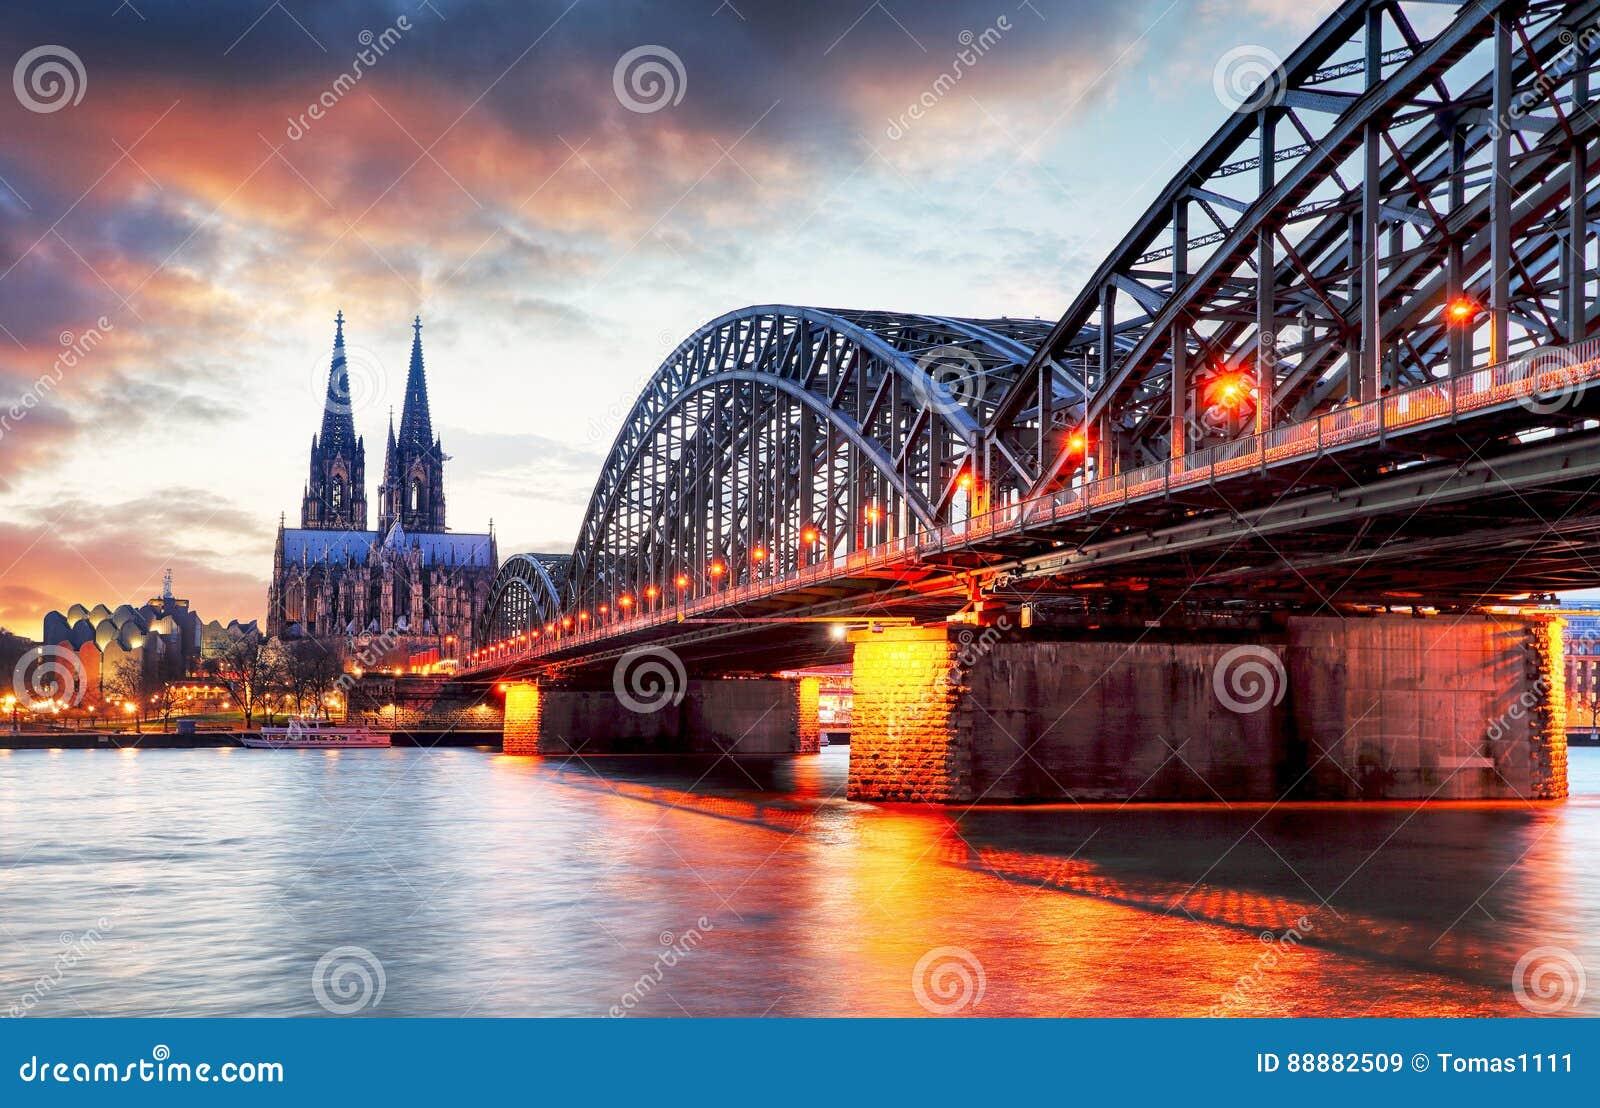 Cologne domkyrka och Hohenzollern bro på solnedgången - natt